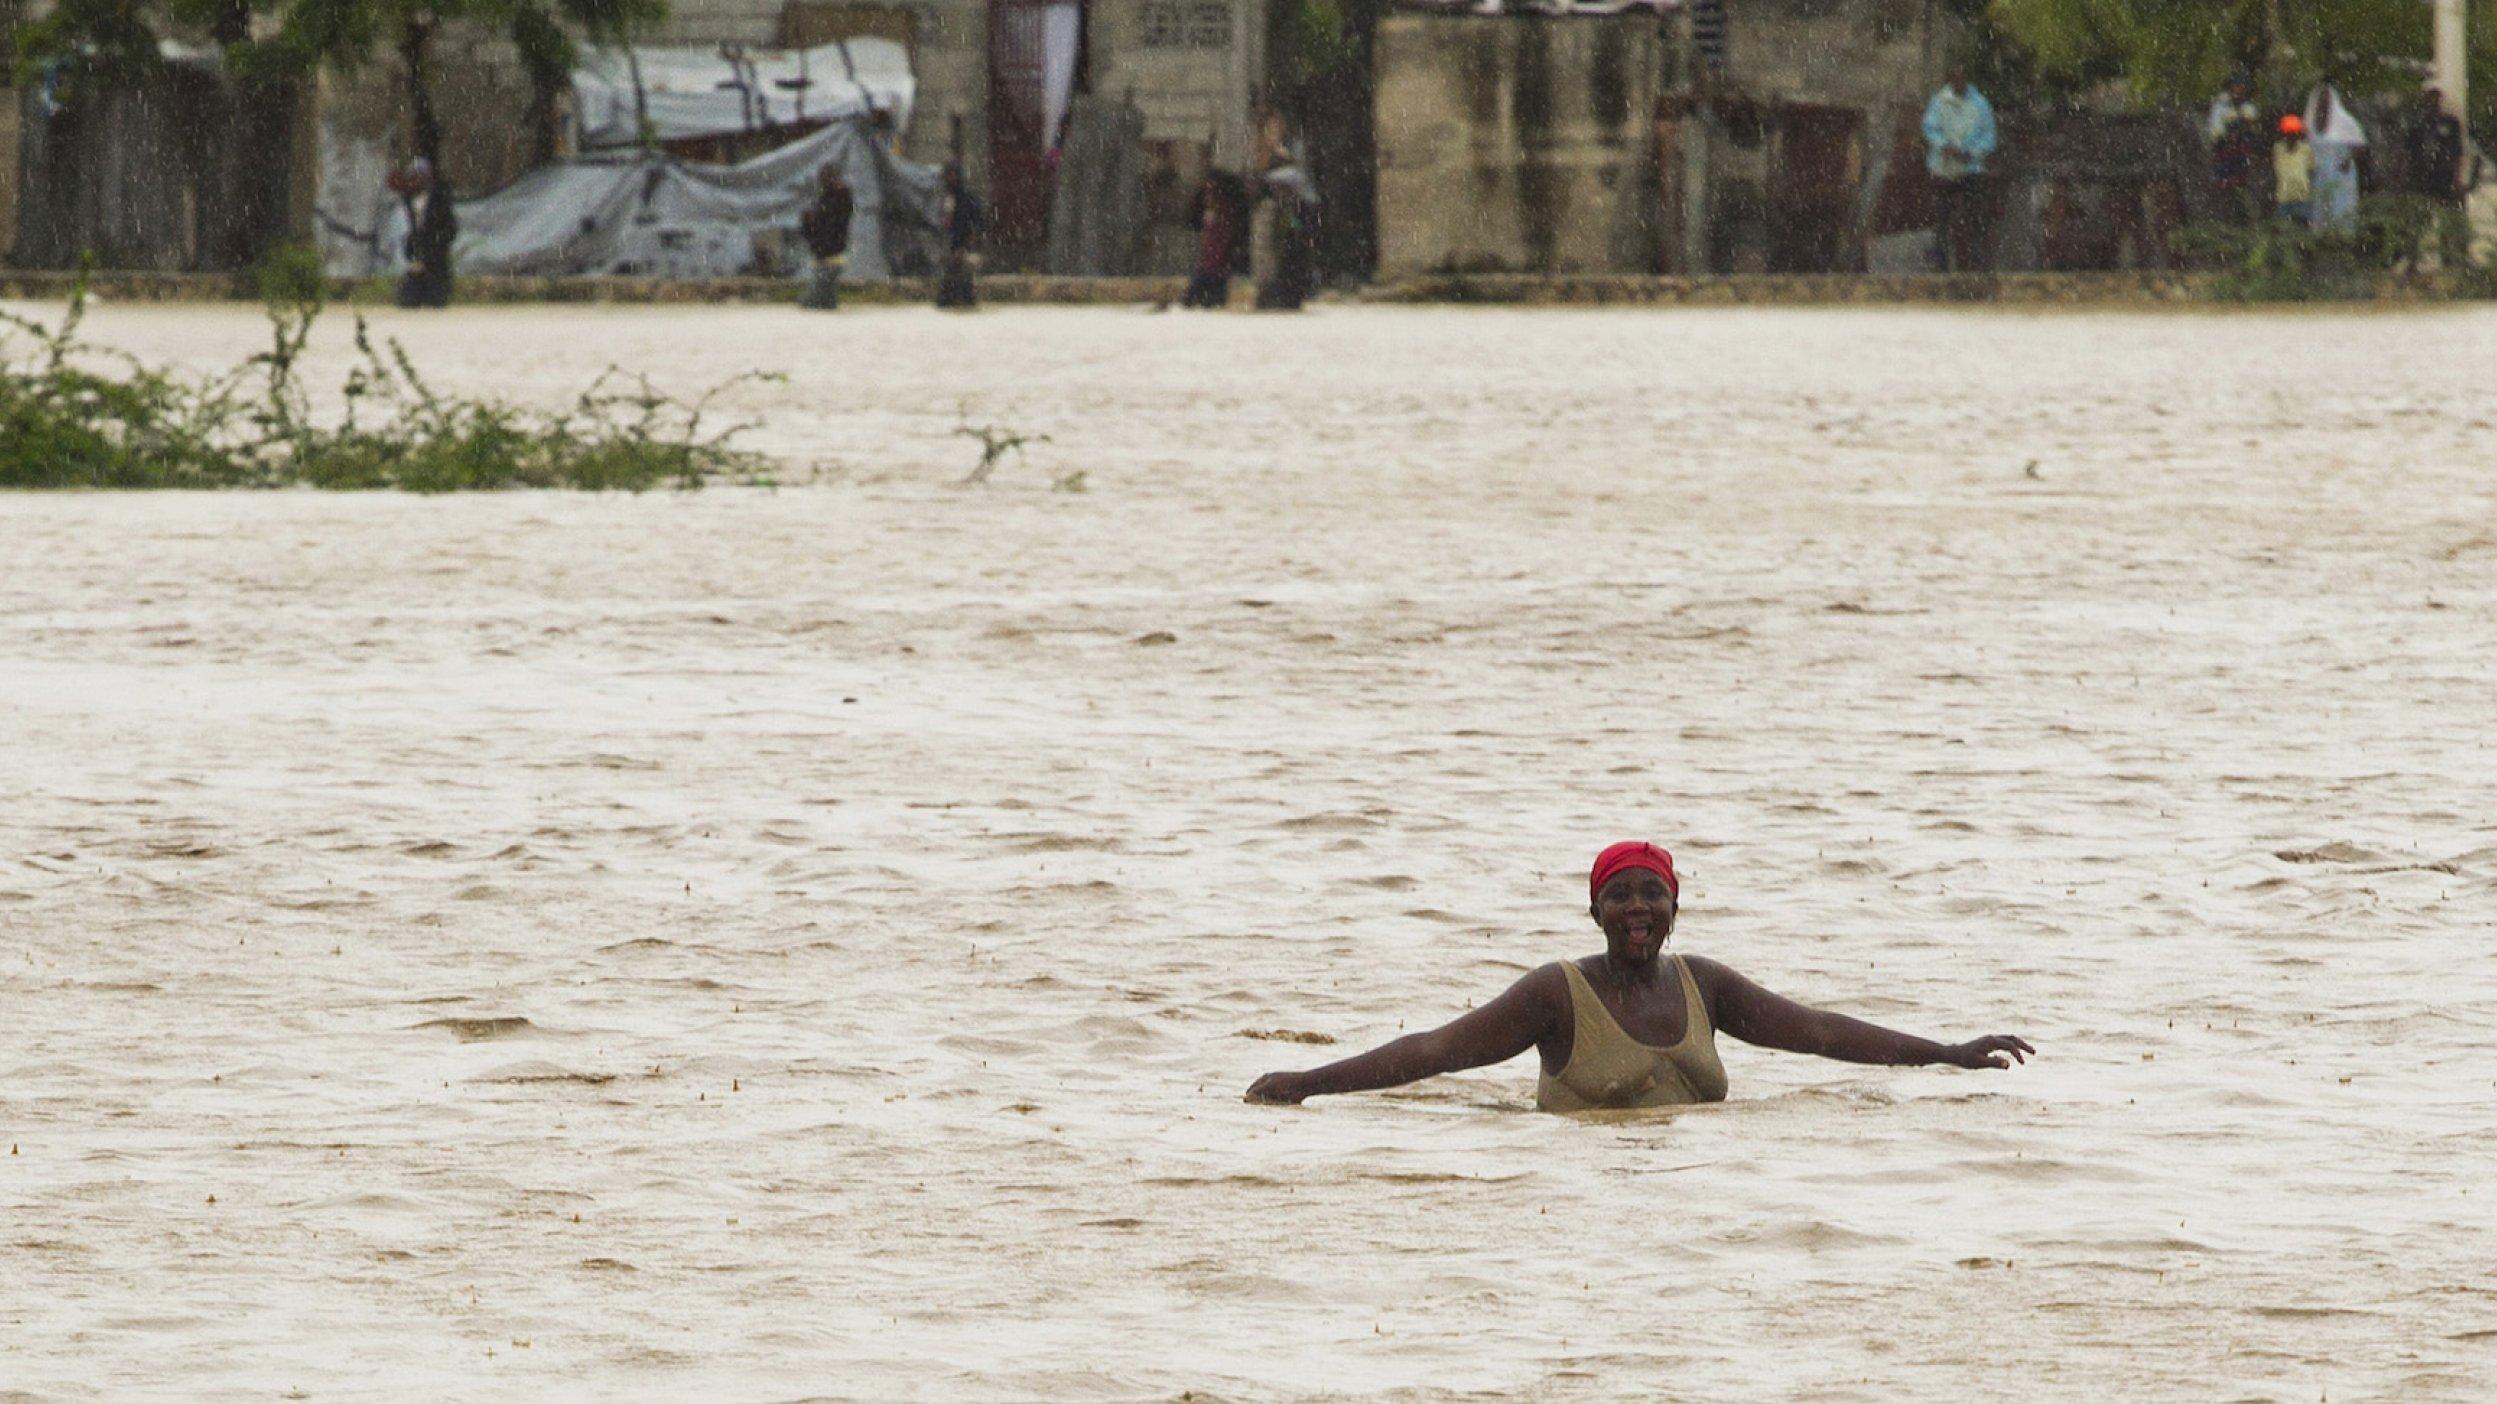 Eine Frau watet durch eine brusthohe Wasserfläche. Als der Tropensturm Isaac 2012Haiti erfasste, da liefen schnell die tieferliegenden Teil der Hauptstadt Port-au-Prince voll – wo auch immer noch viele Opfer des Erdbebens zwei Jahre zuvor in Lagern hausten.